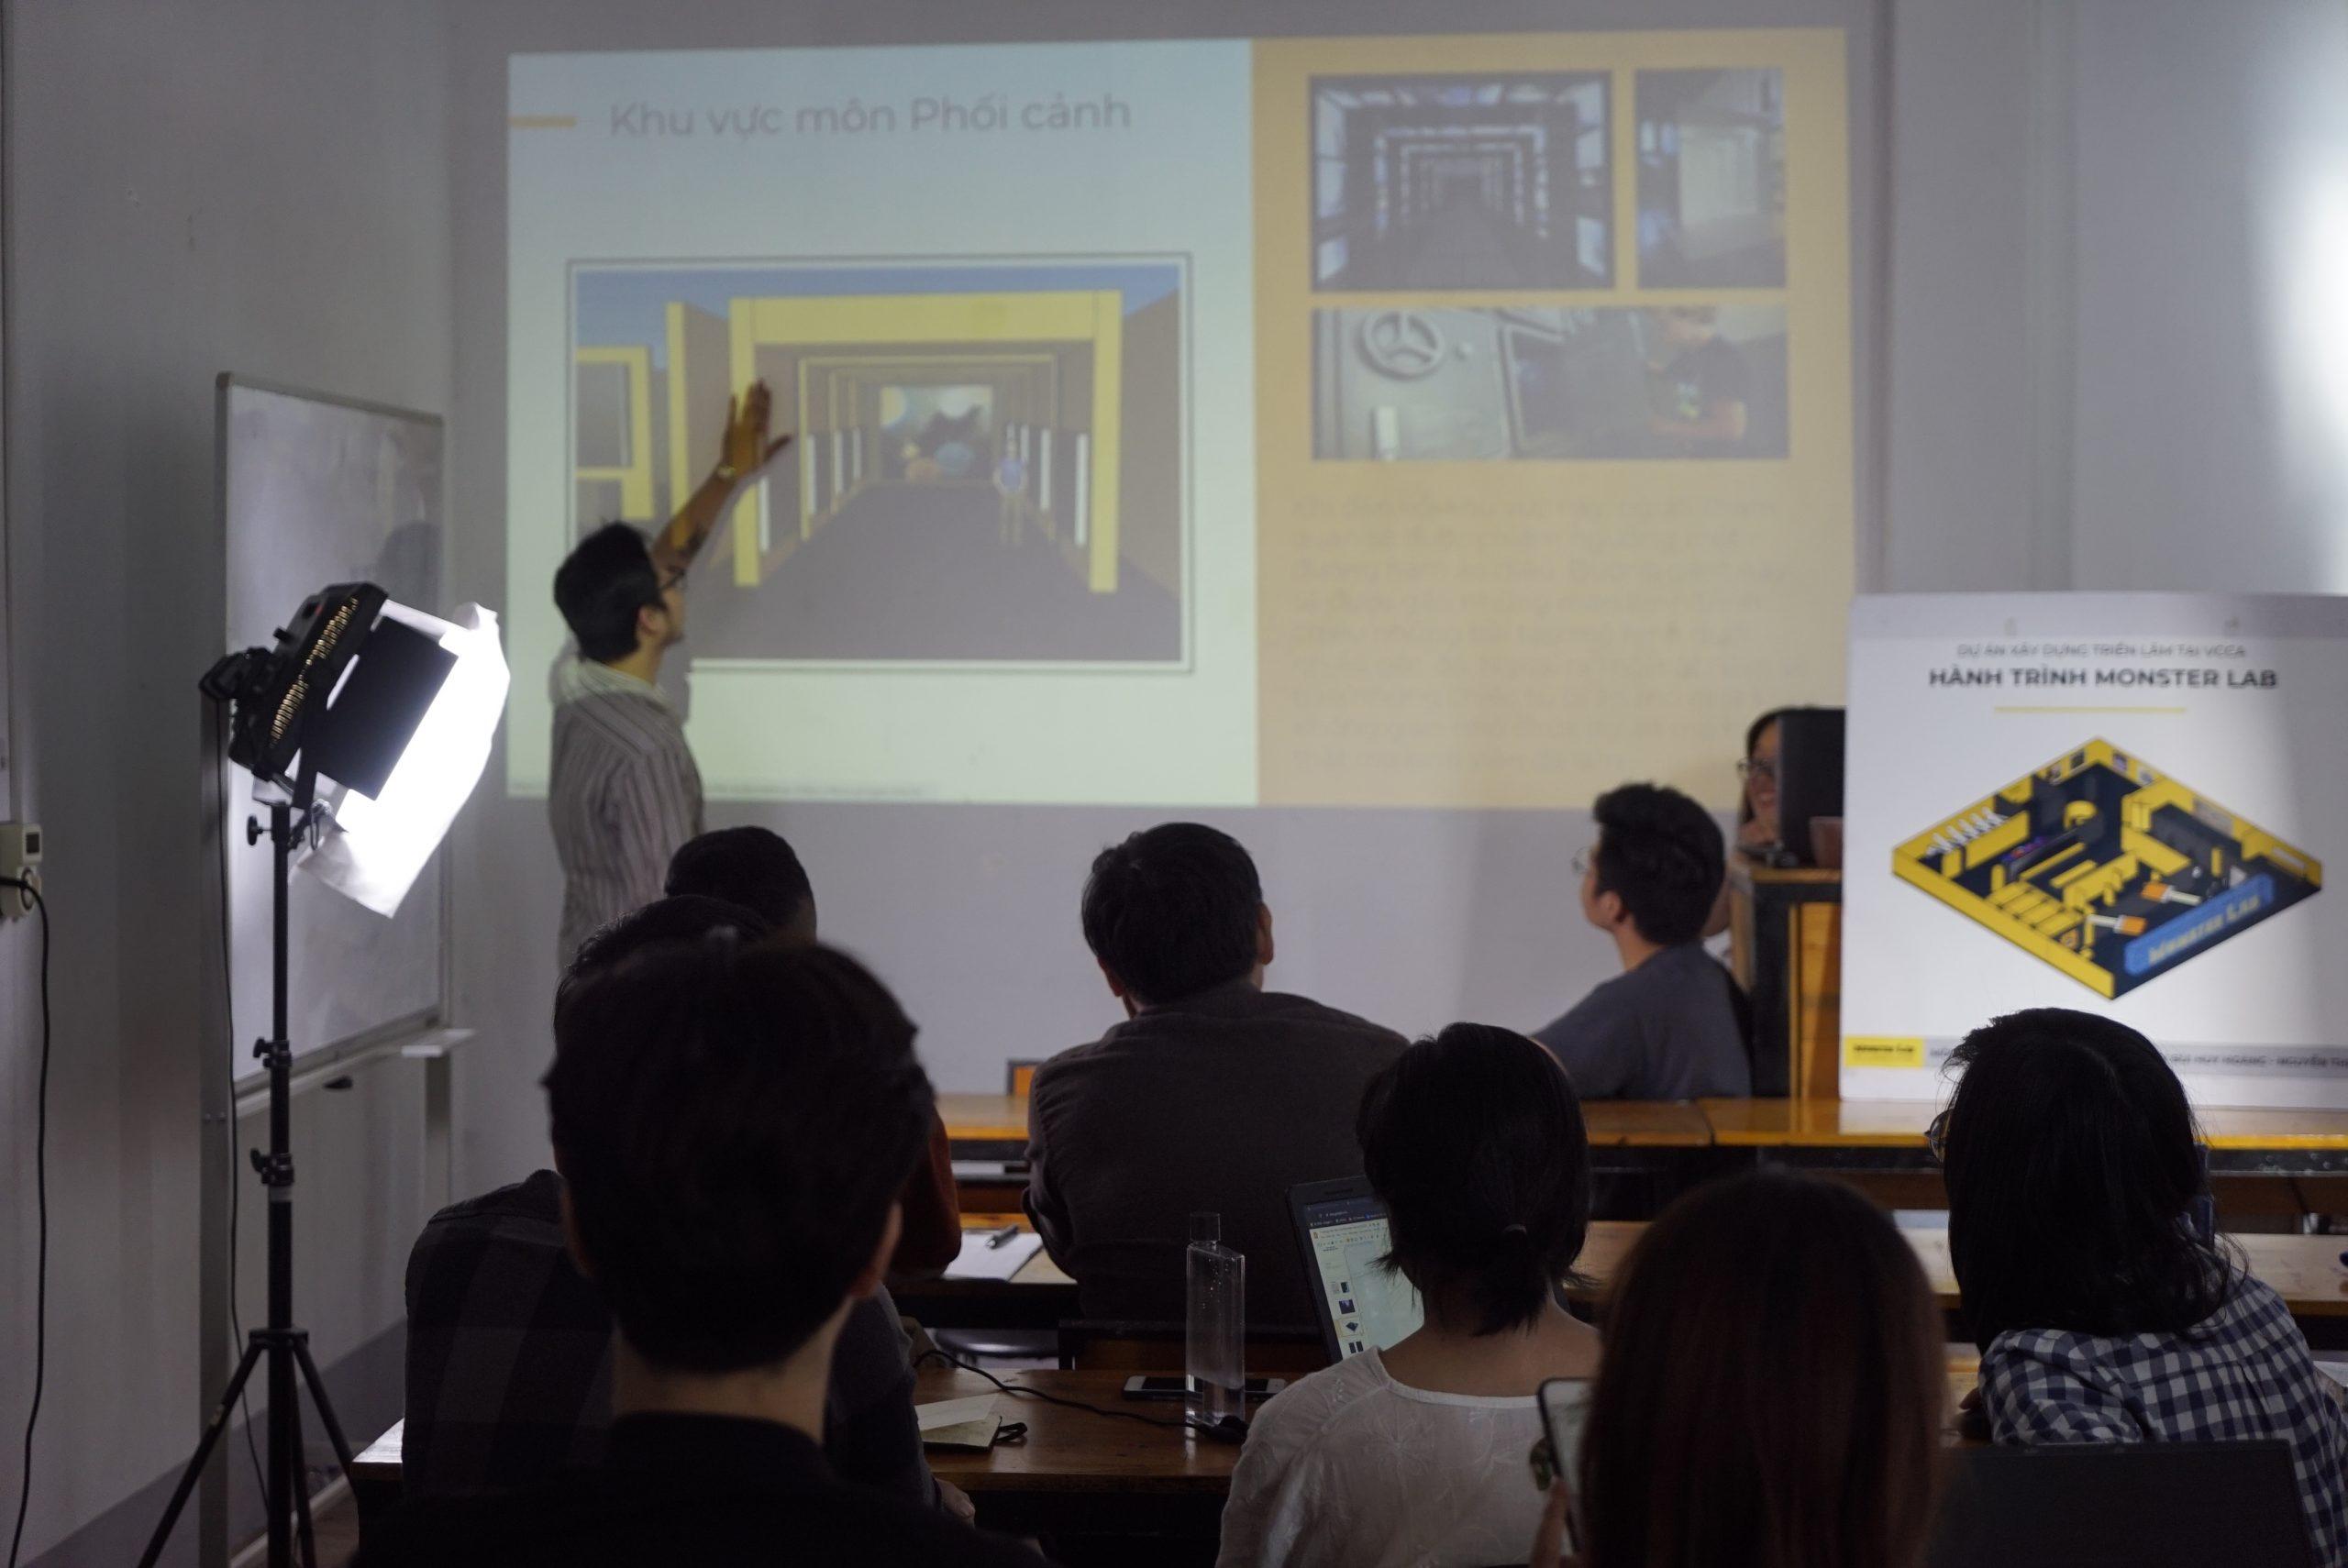 Phương pháp học tập tại Monster Lab: Học thiết kế qua trải nghiệm